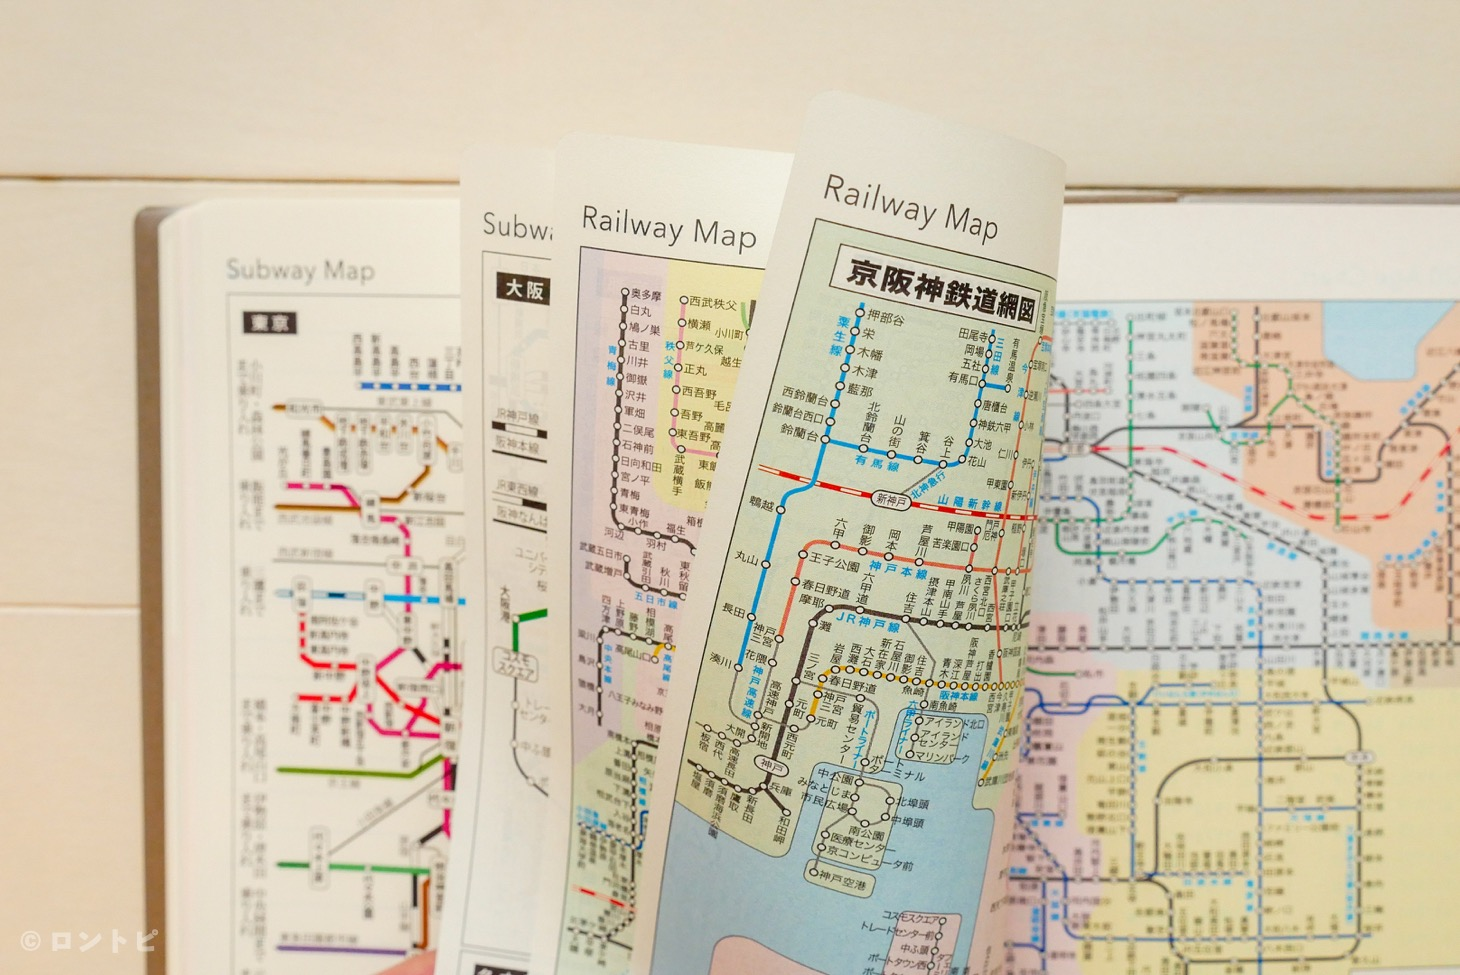 NOLTY U 地下鉄路線図・近郊鉄道路線図・年齢早見